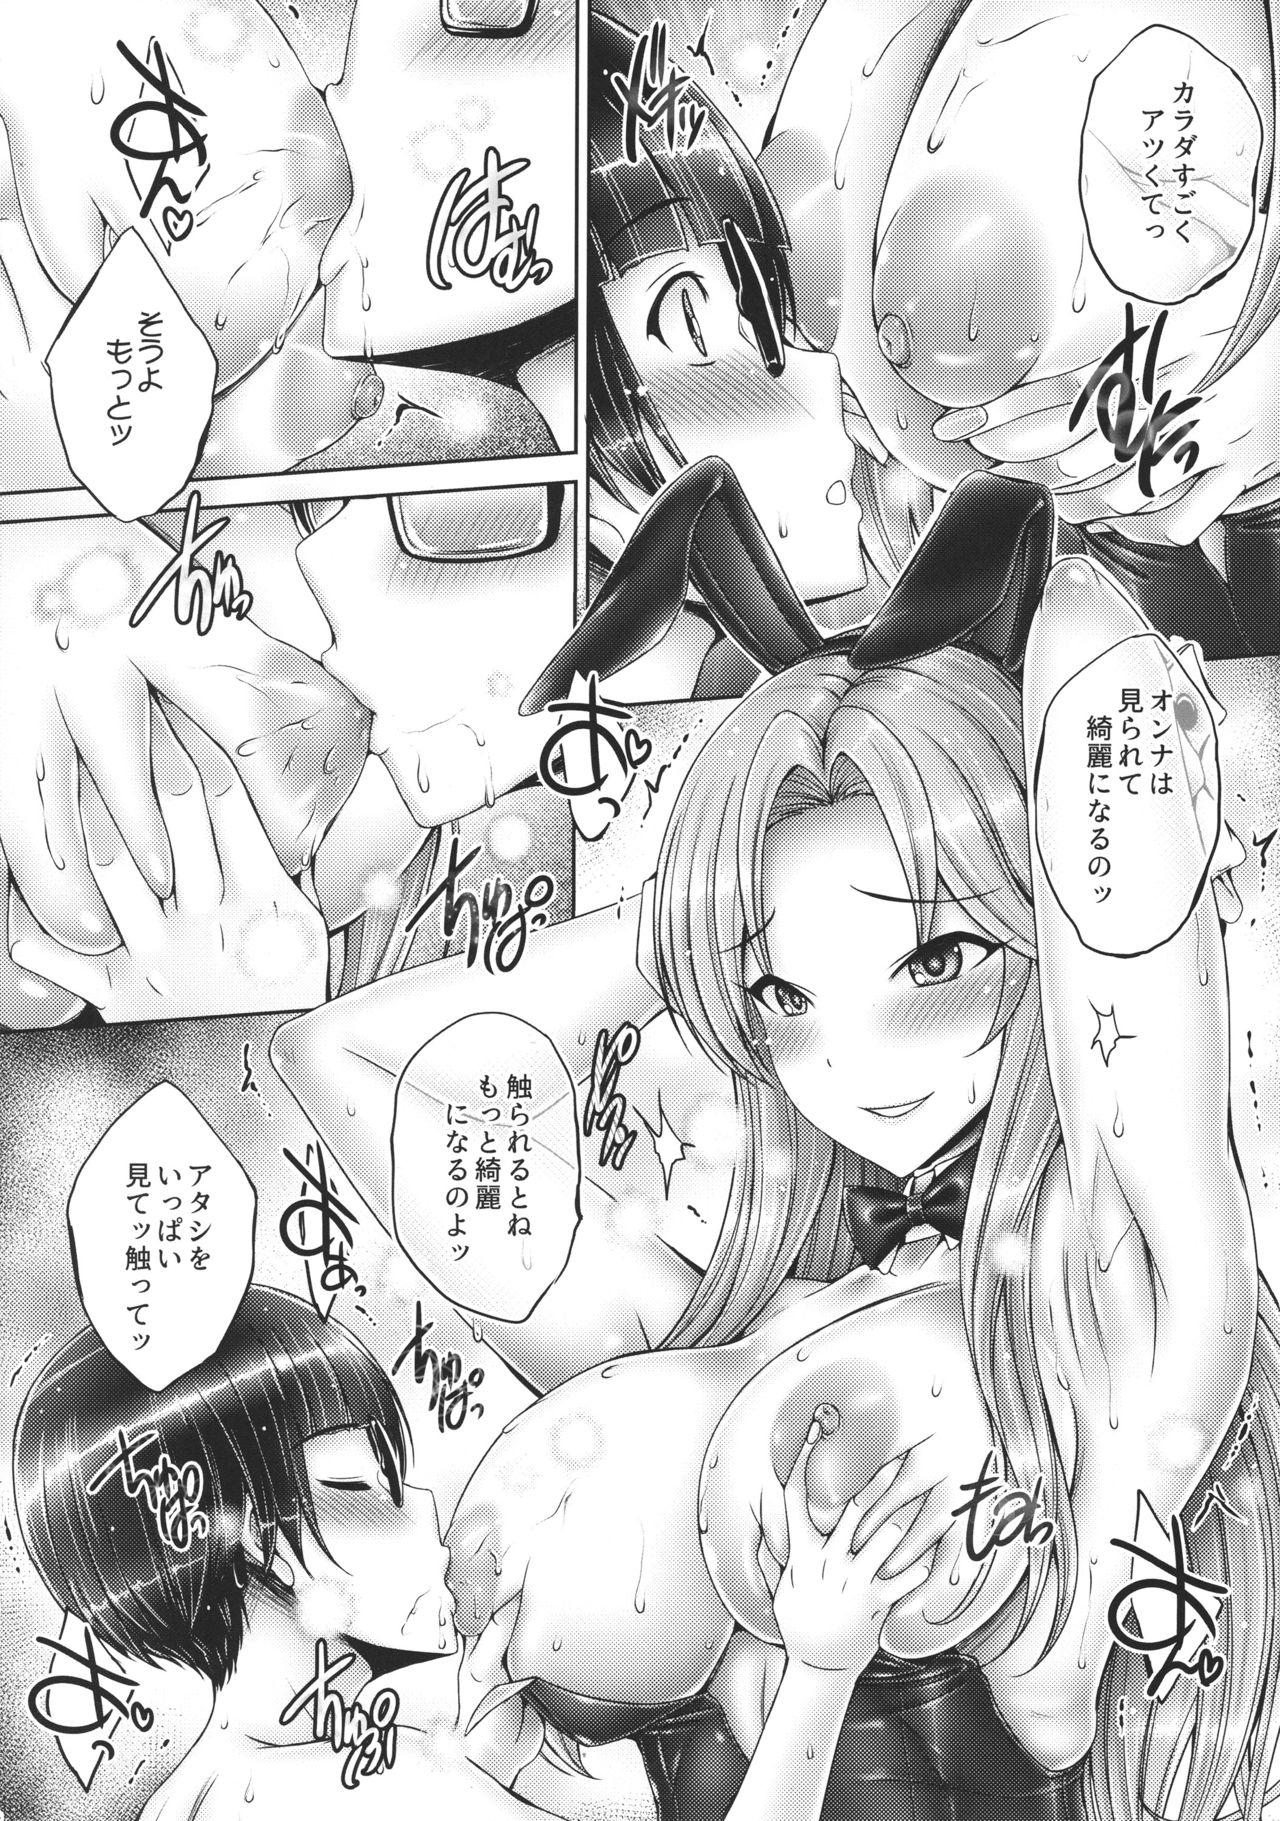 Sarina-san to Shota P 14